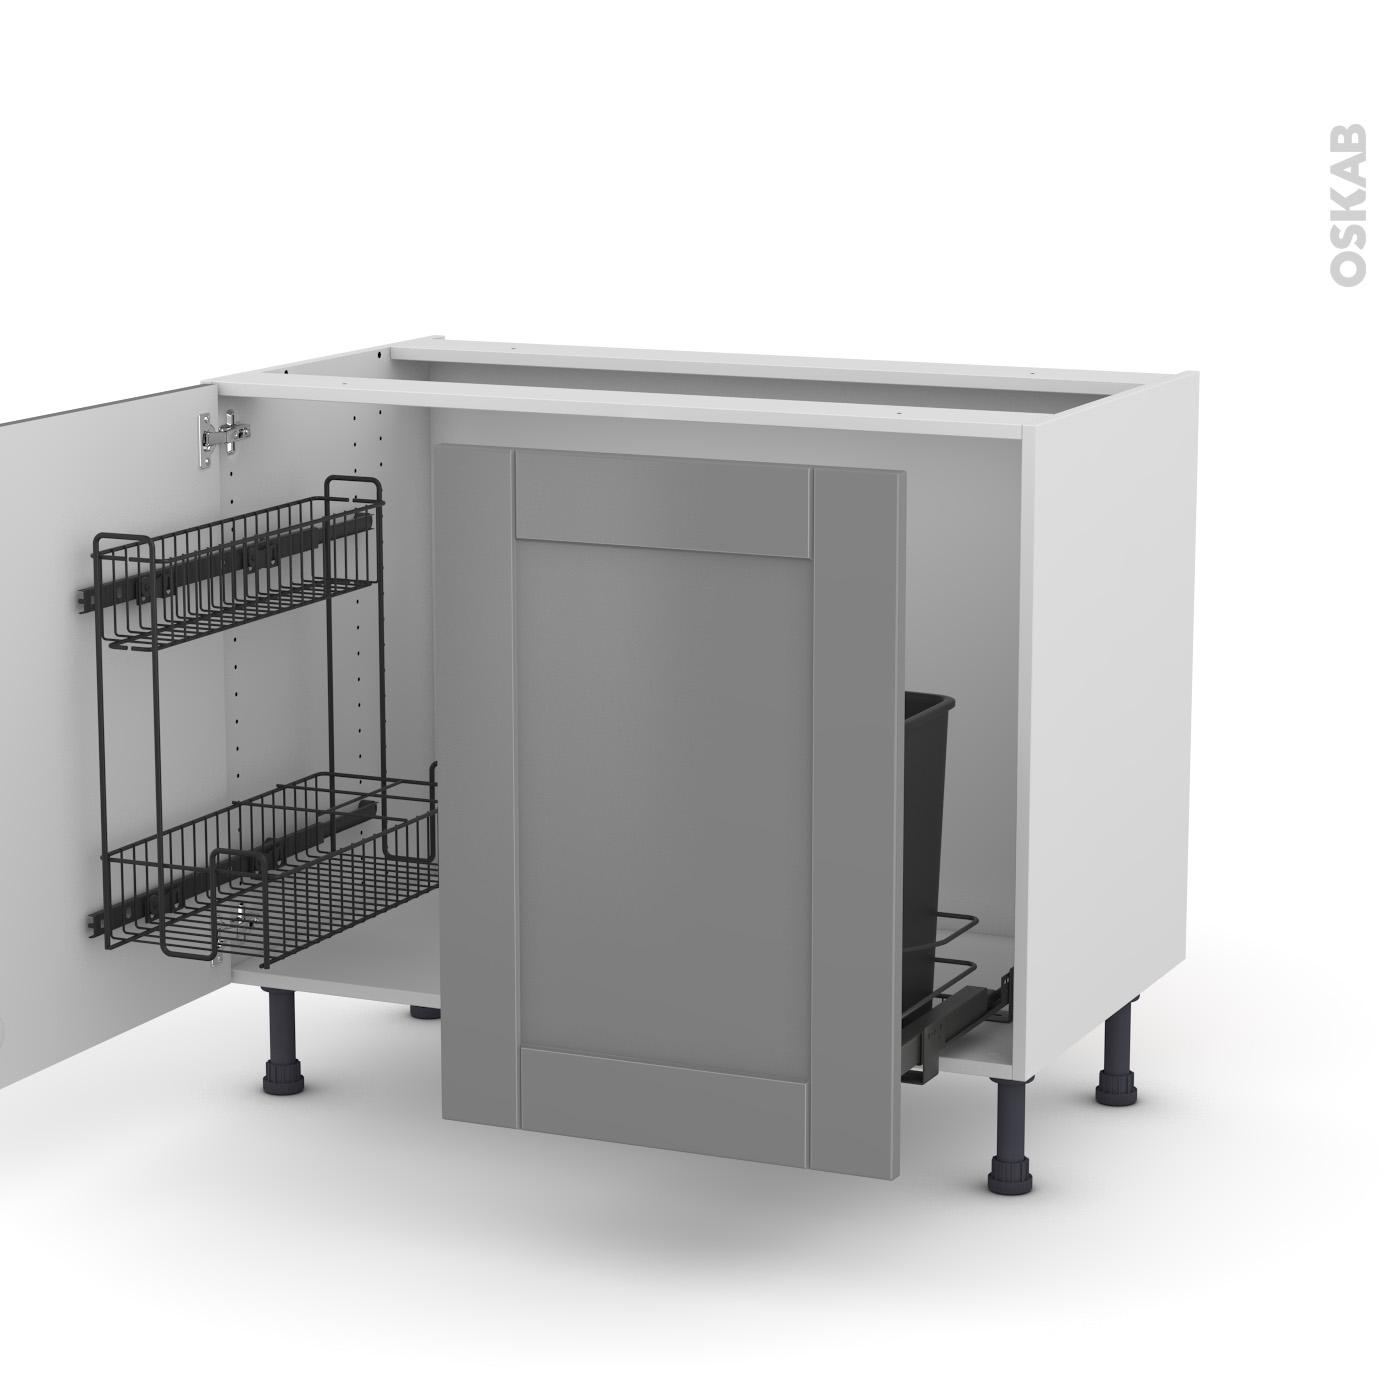 Plan De Travail Coulissant meuble de cuisine sous évier filipen gris, 2 portes lessiviel-poubelle  coulissante , l100 x h70 x p58 cm